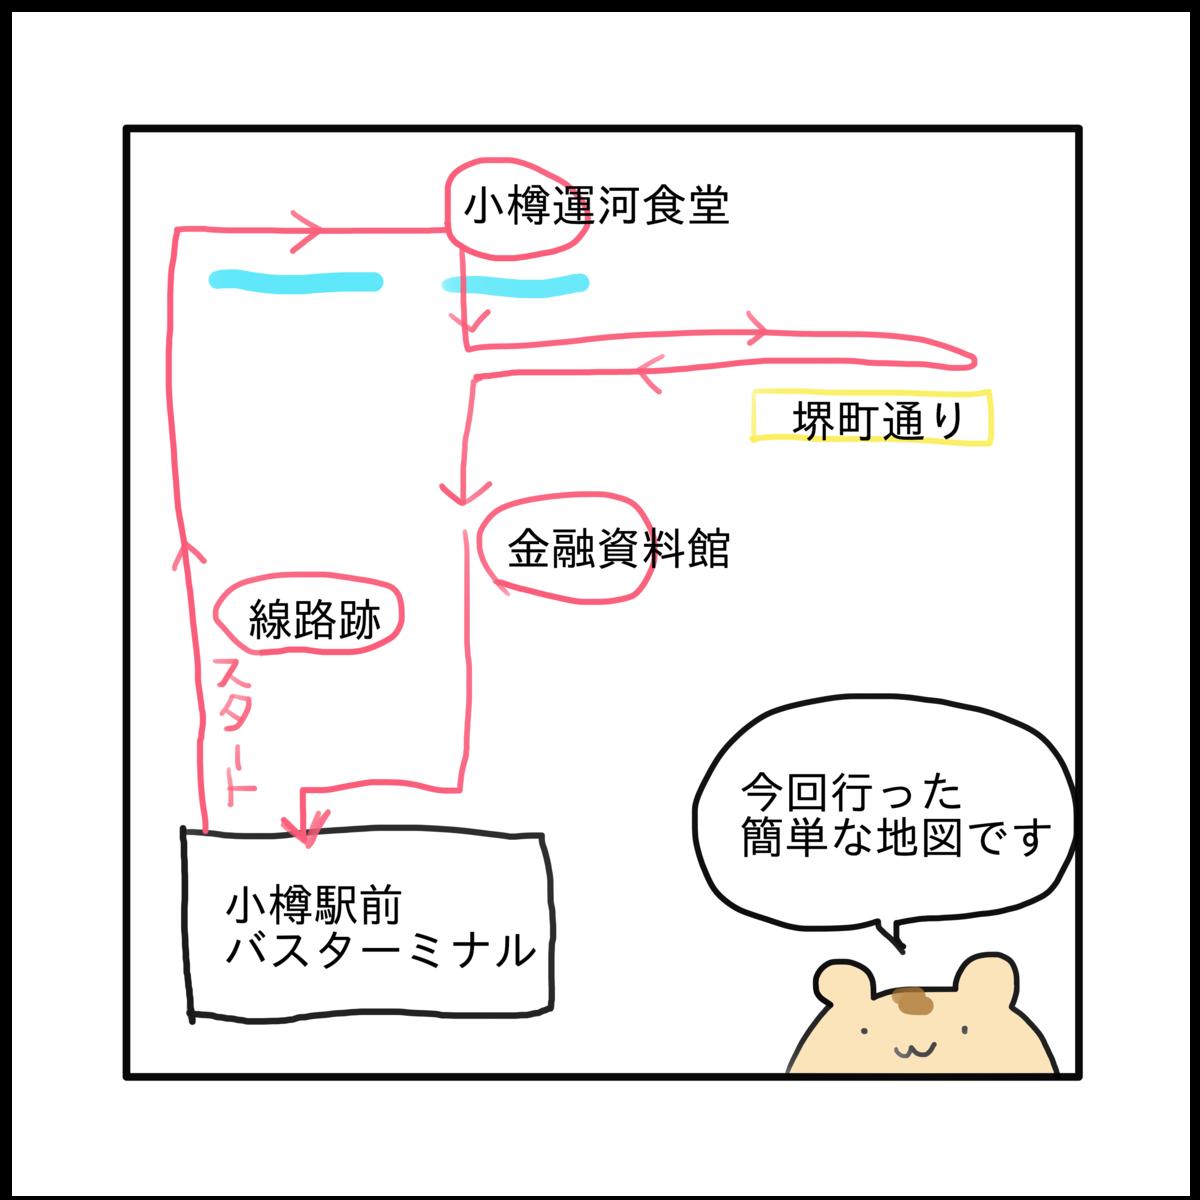 f:id:usuisachiyo28:20190921170431p:plain